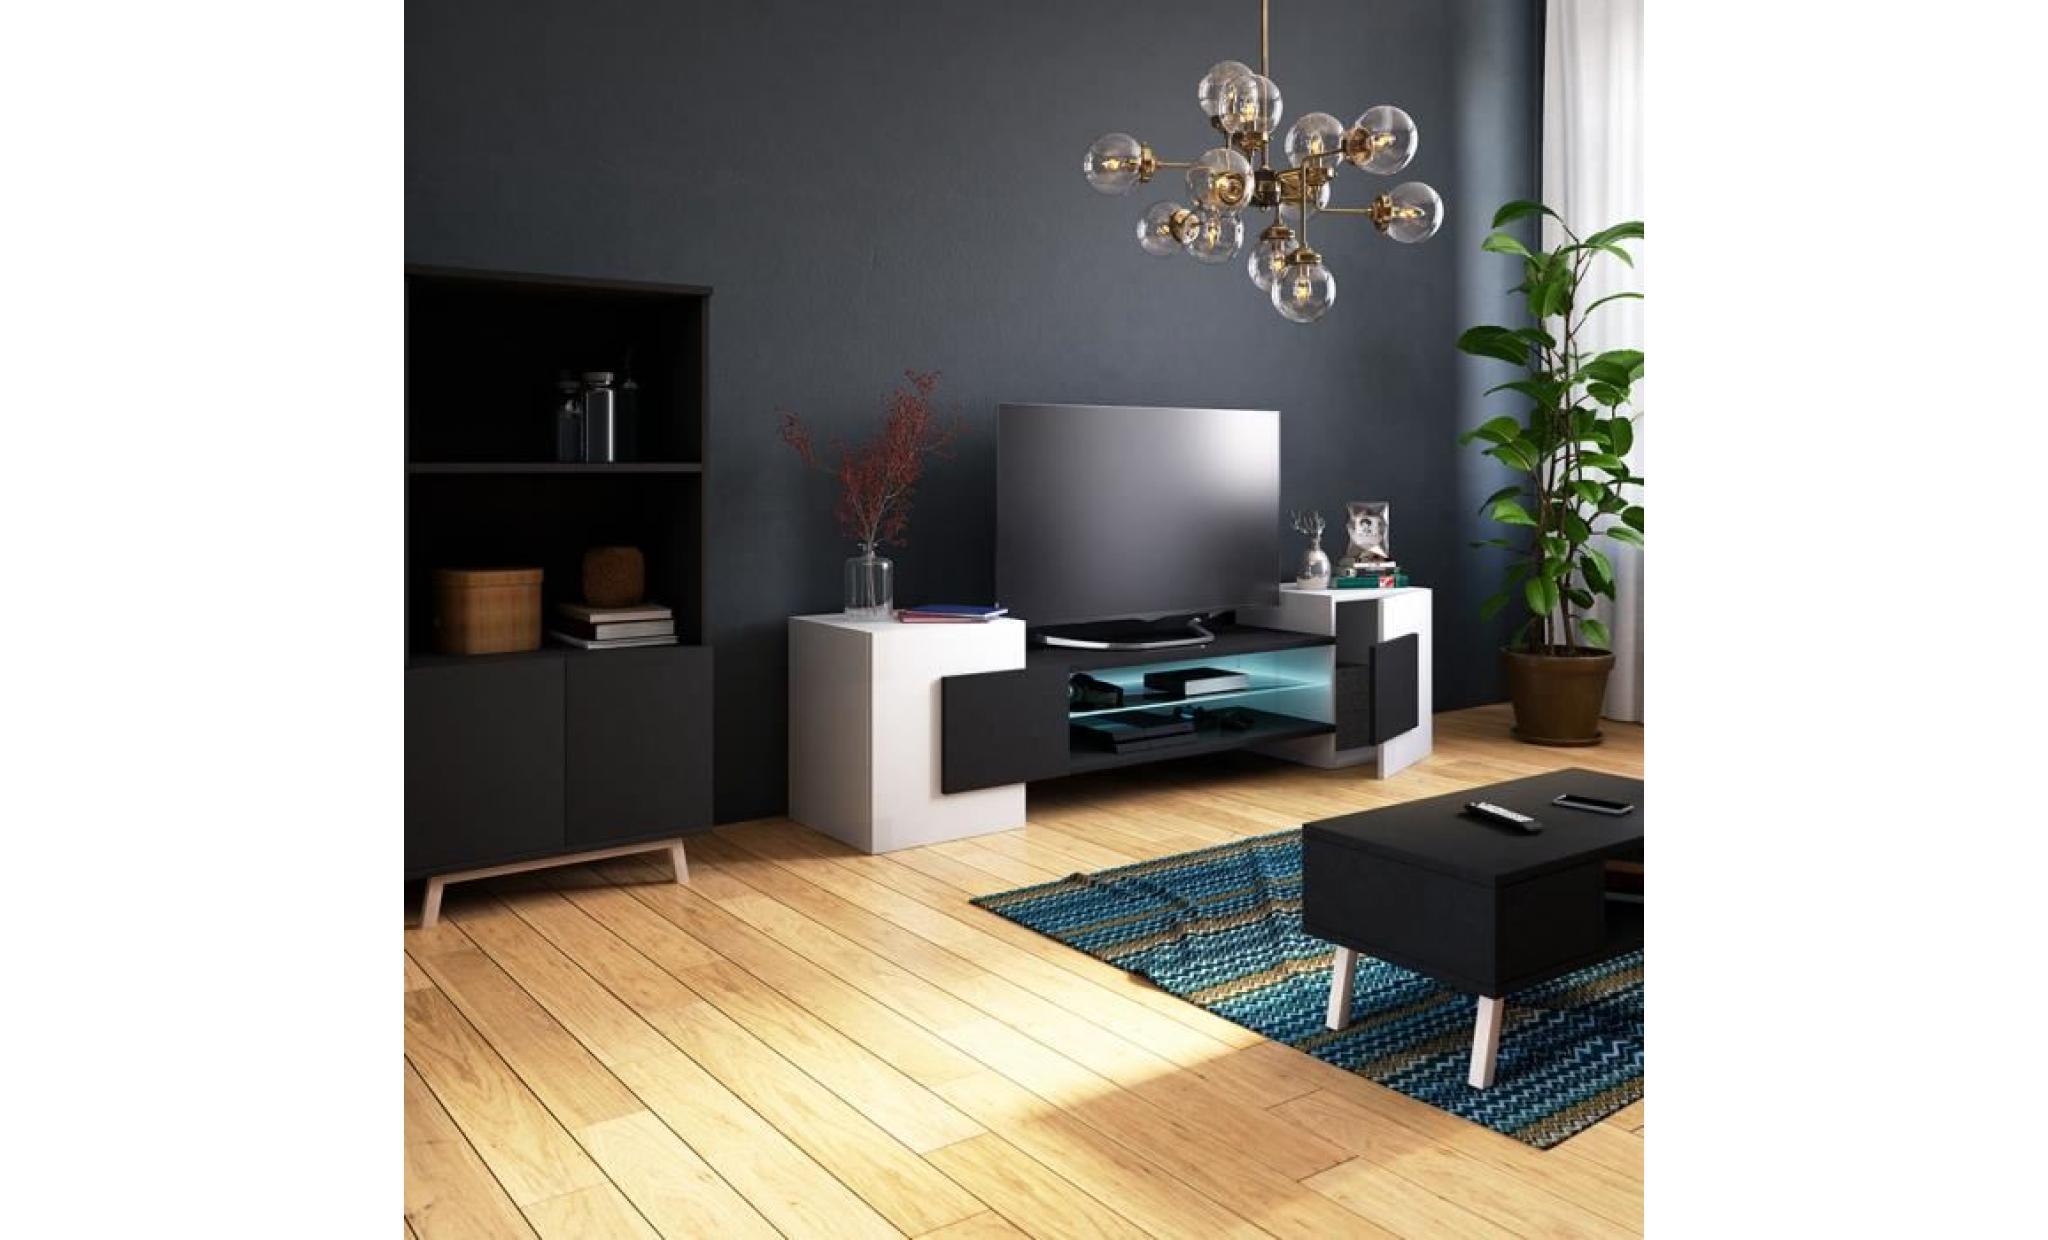 meuble tv / meuble de salon charles 160 cm blanc mat / béton sans led style  contemporain design moderne